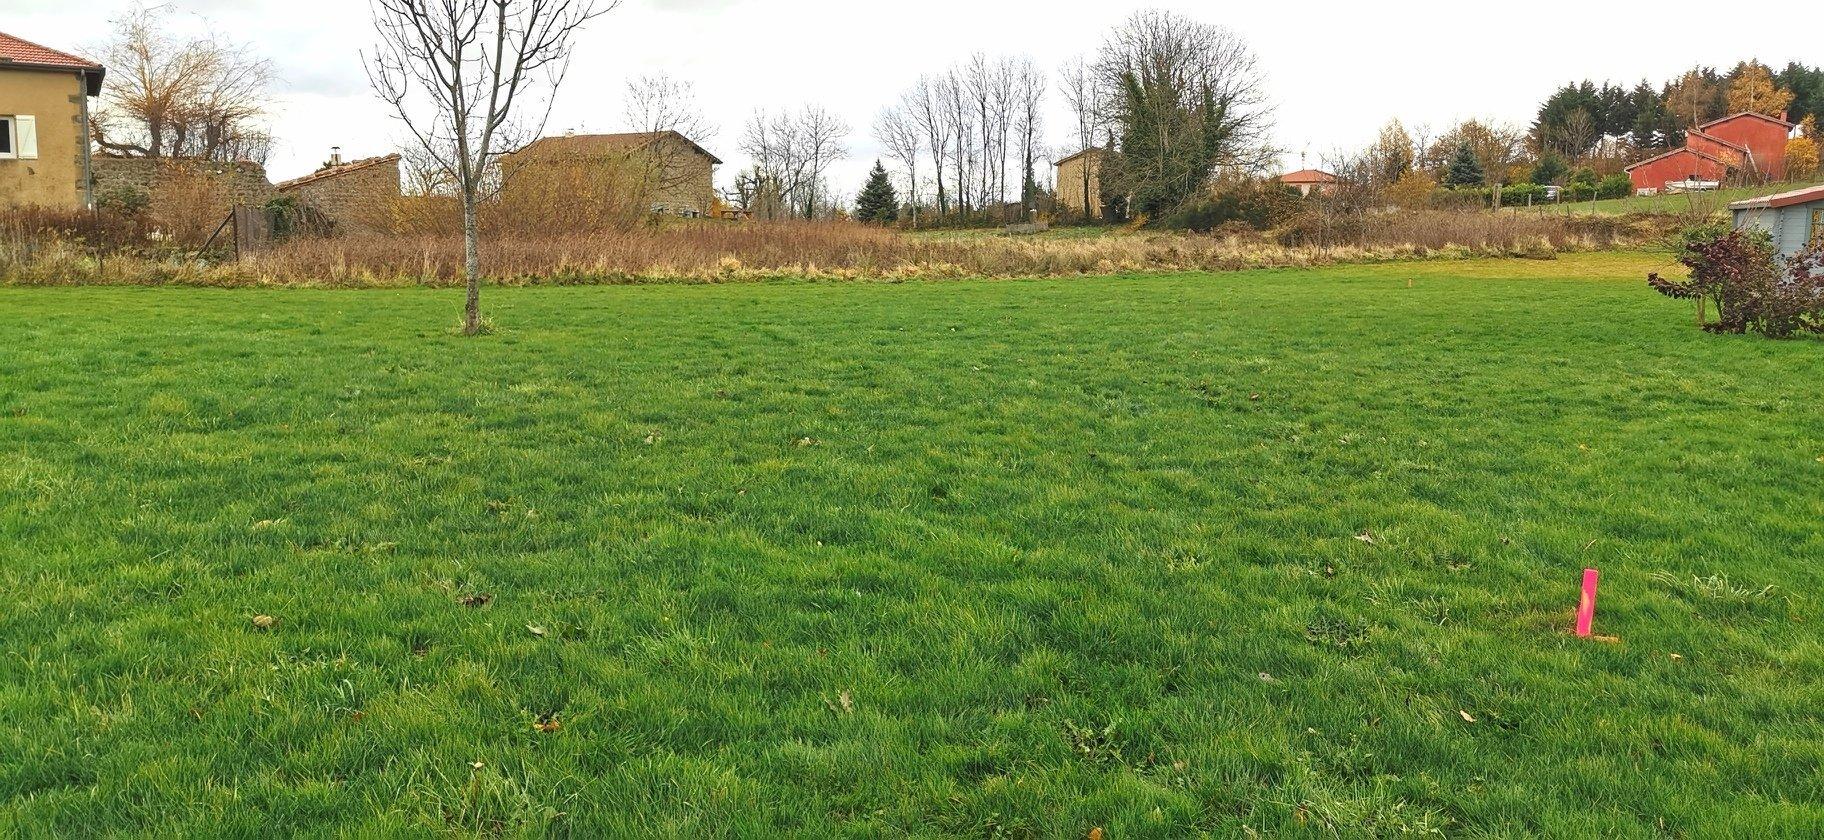 Vente Terrain constructible - Boisset-Saint-Priest